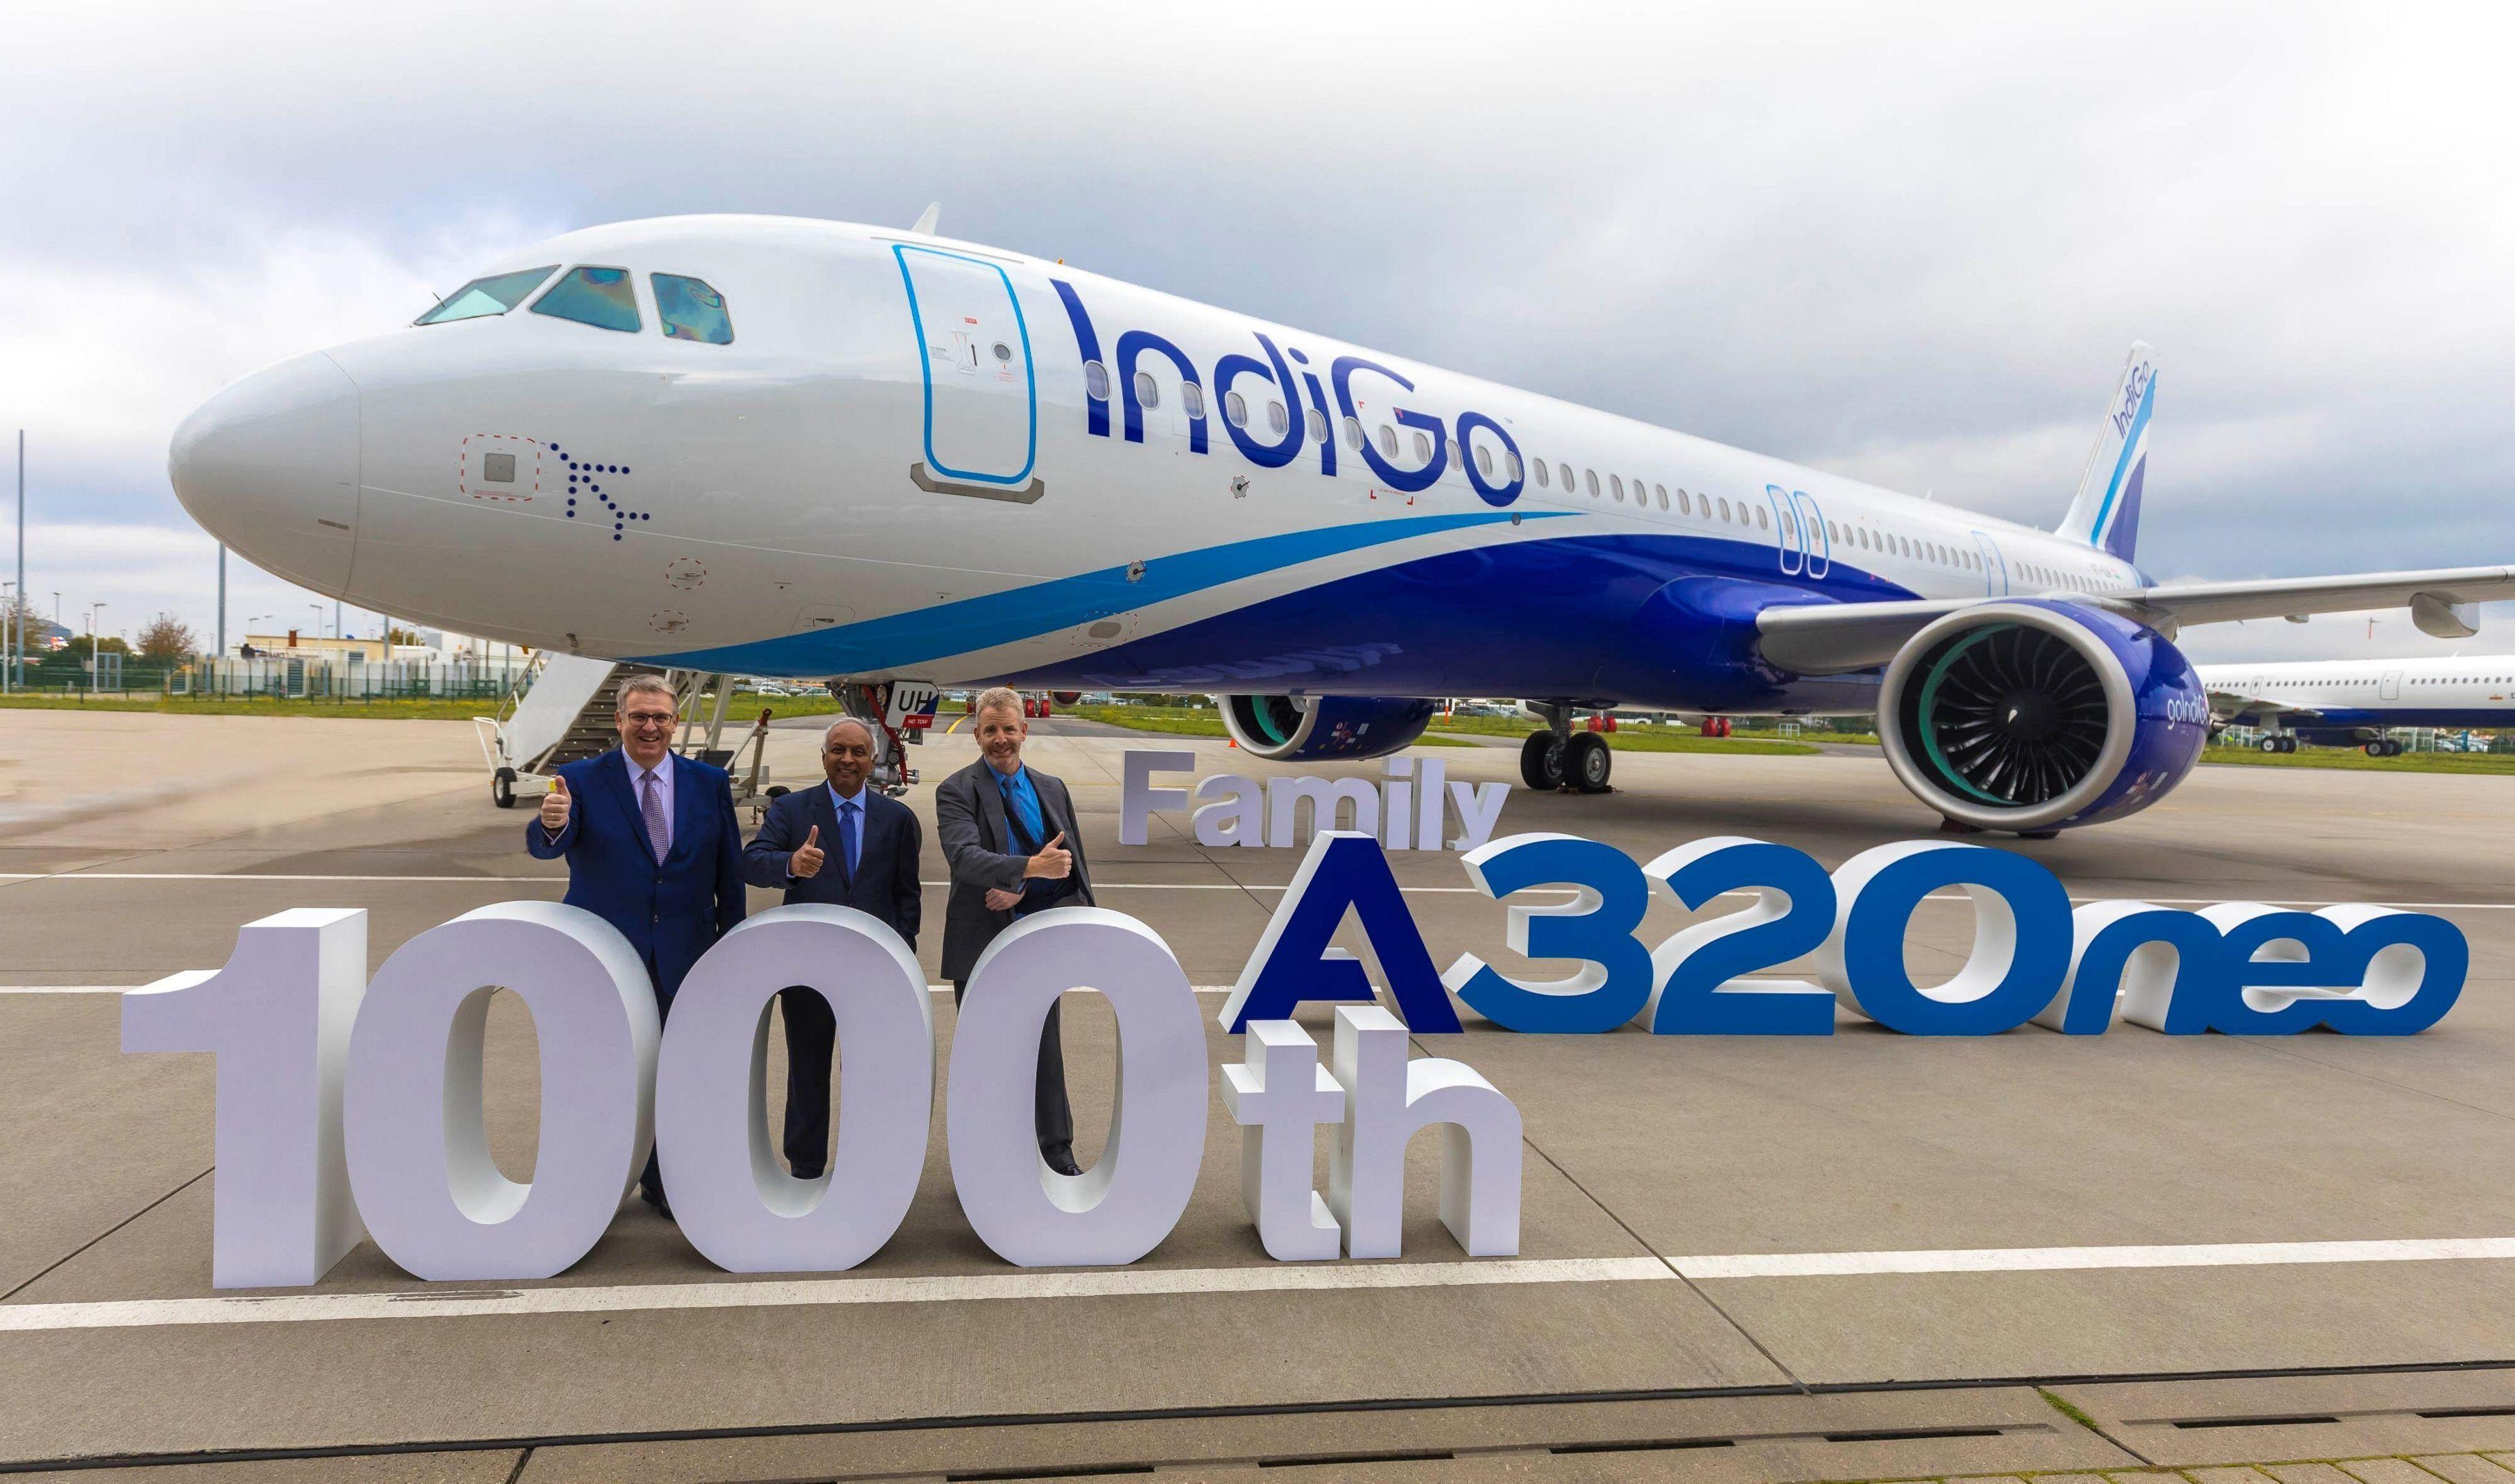 民航早报:空客交付第1000架A320neo系列飞机